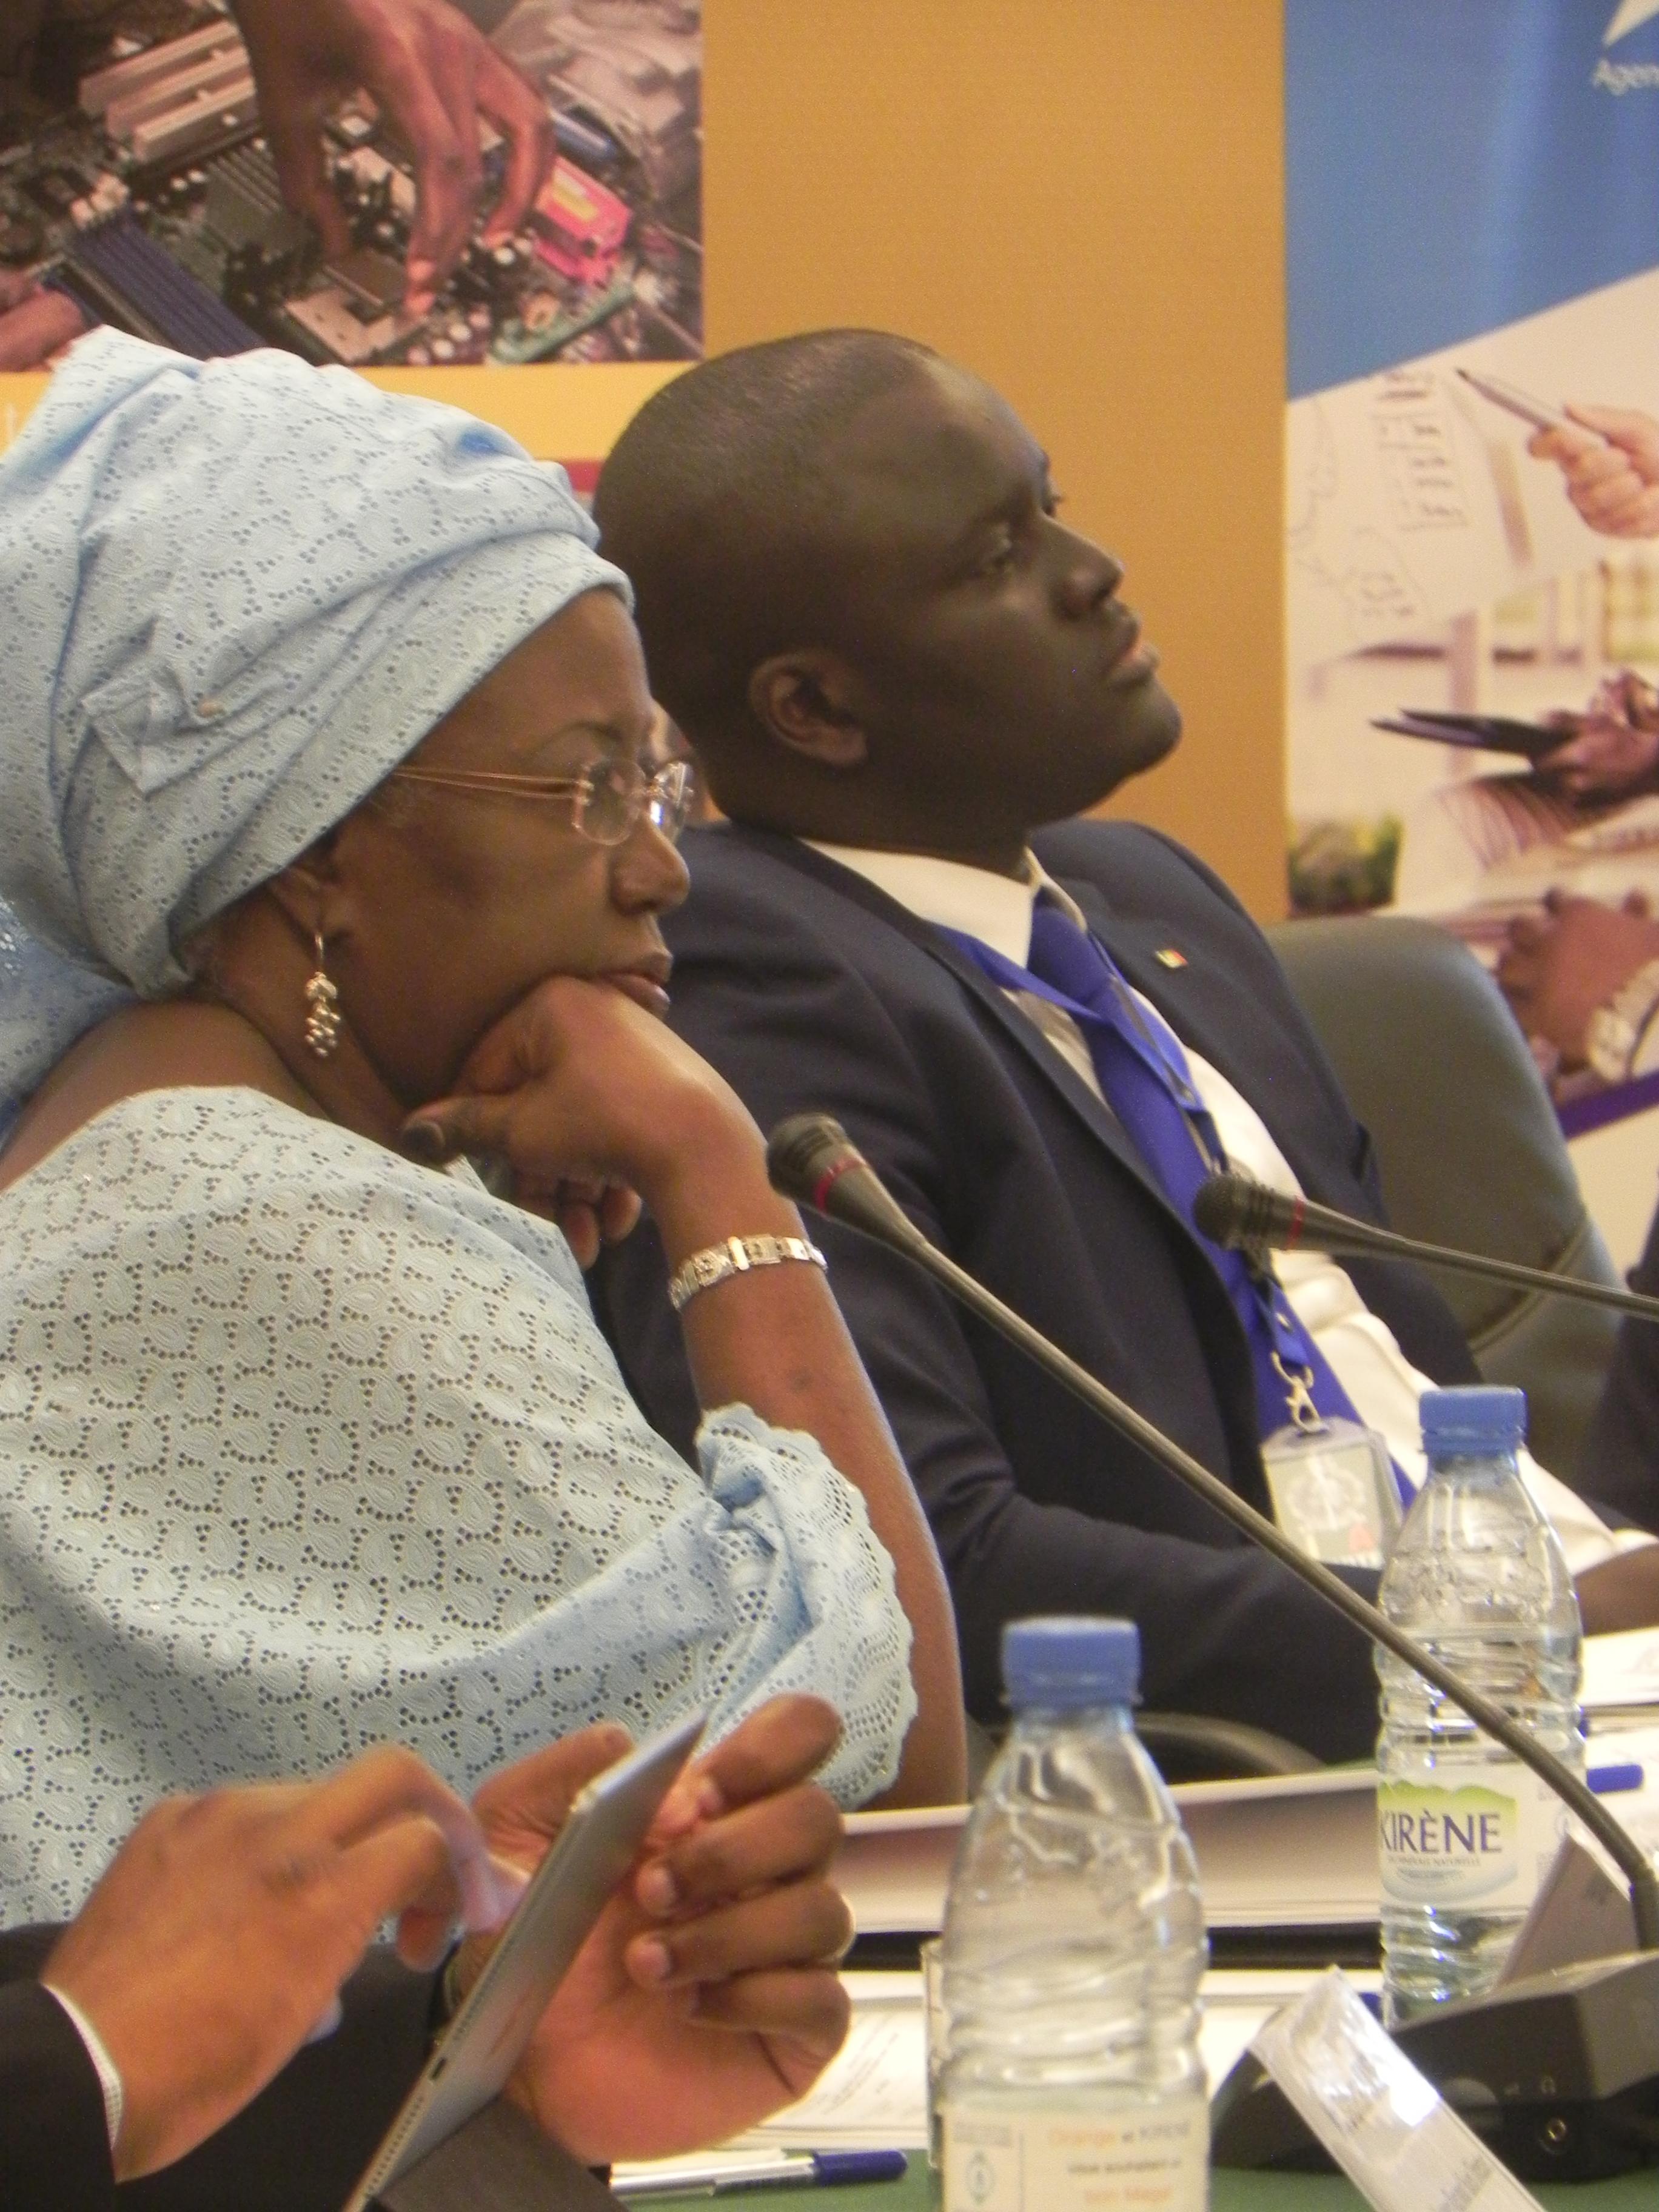 Développement des TIC : Le DG de l'ADIE plaide pour plus de partenariat avec le privé